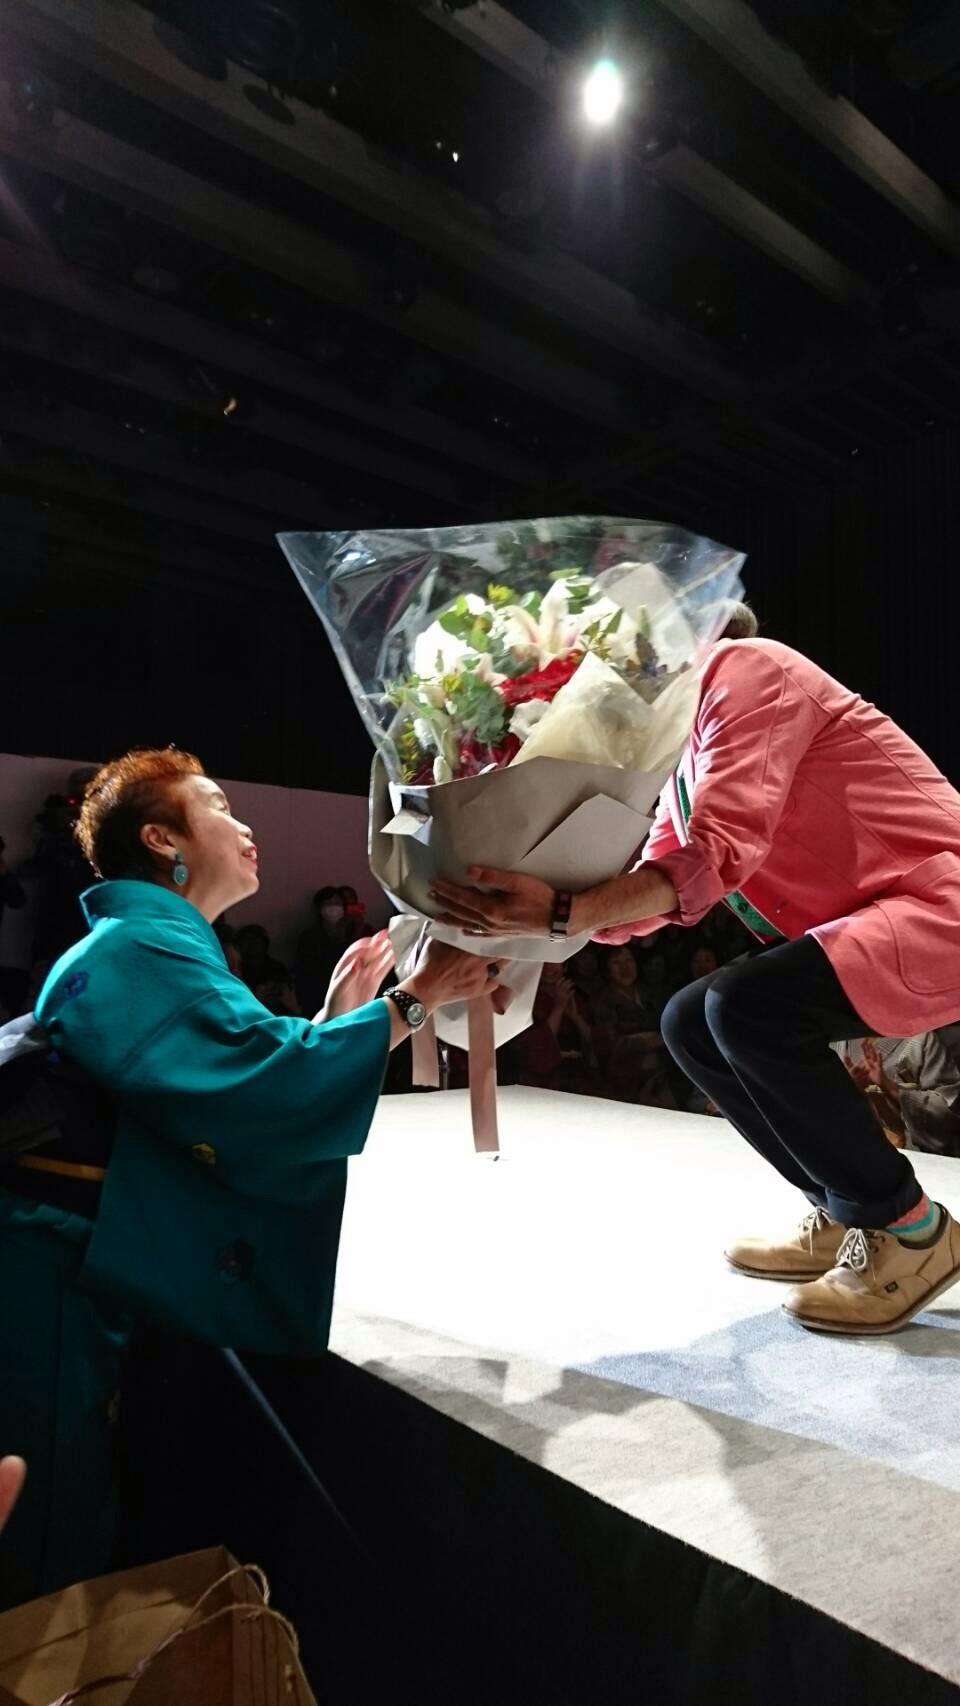 青野先生、東京で初めてのショー開催!_f0140343_10171747.jpg